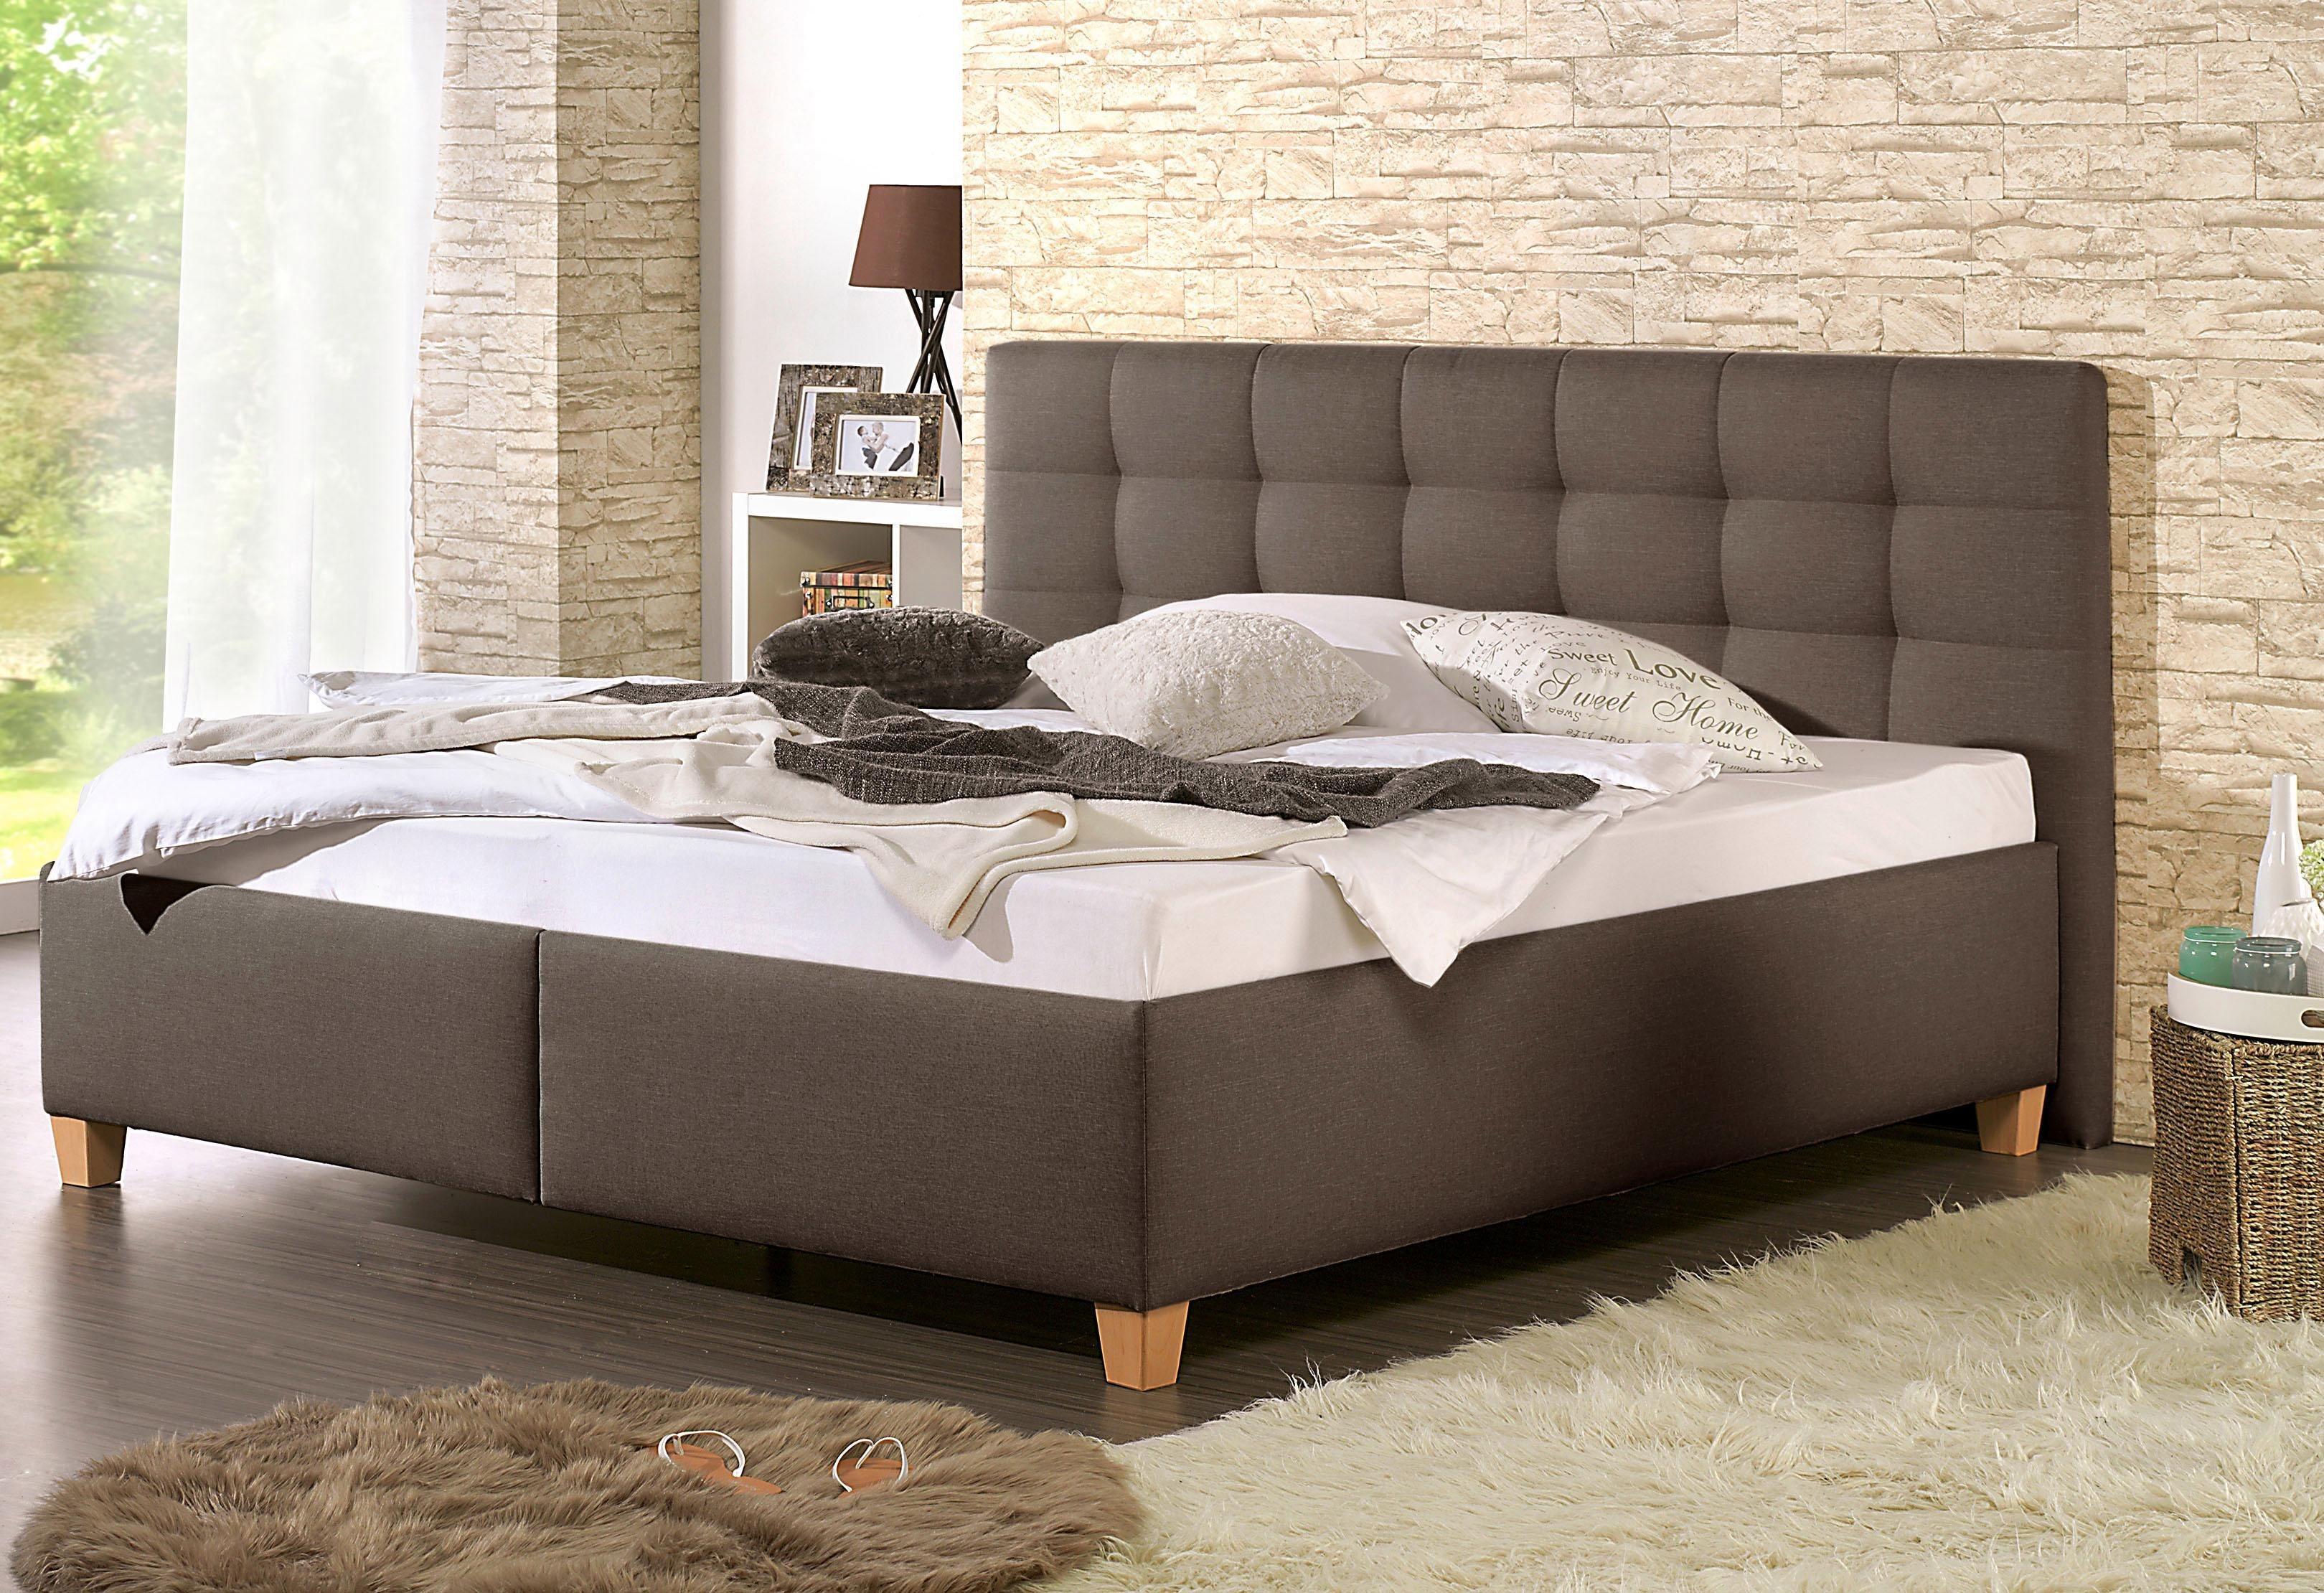 Home affaire Polsterbett »Timmy« mit oder ohne Matratze in 2 Ausführungen, Härtegrad 2 oder 3 | Schlafzimmer > Betten > Funktionsbetten | Strukturstoff - Buche | Home affaire